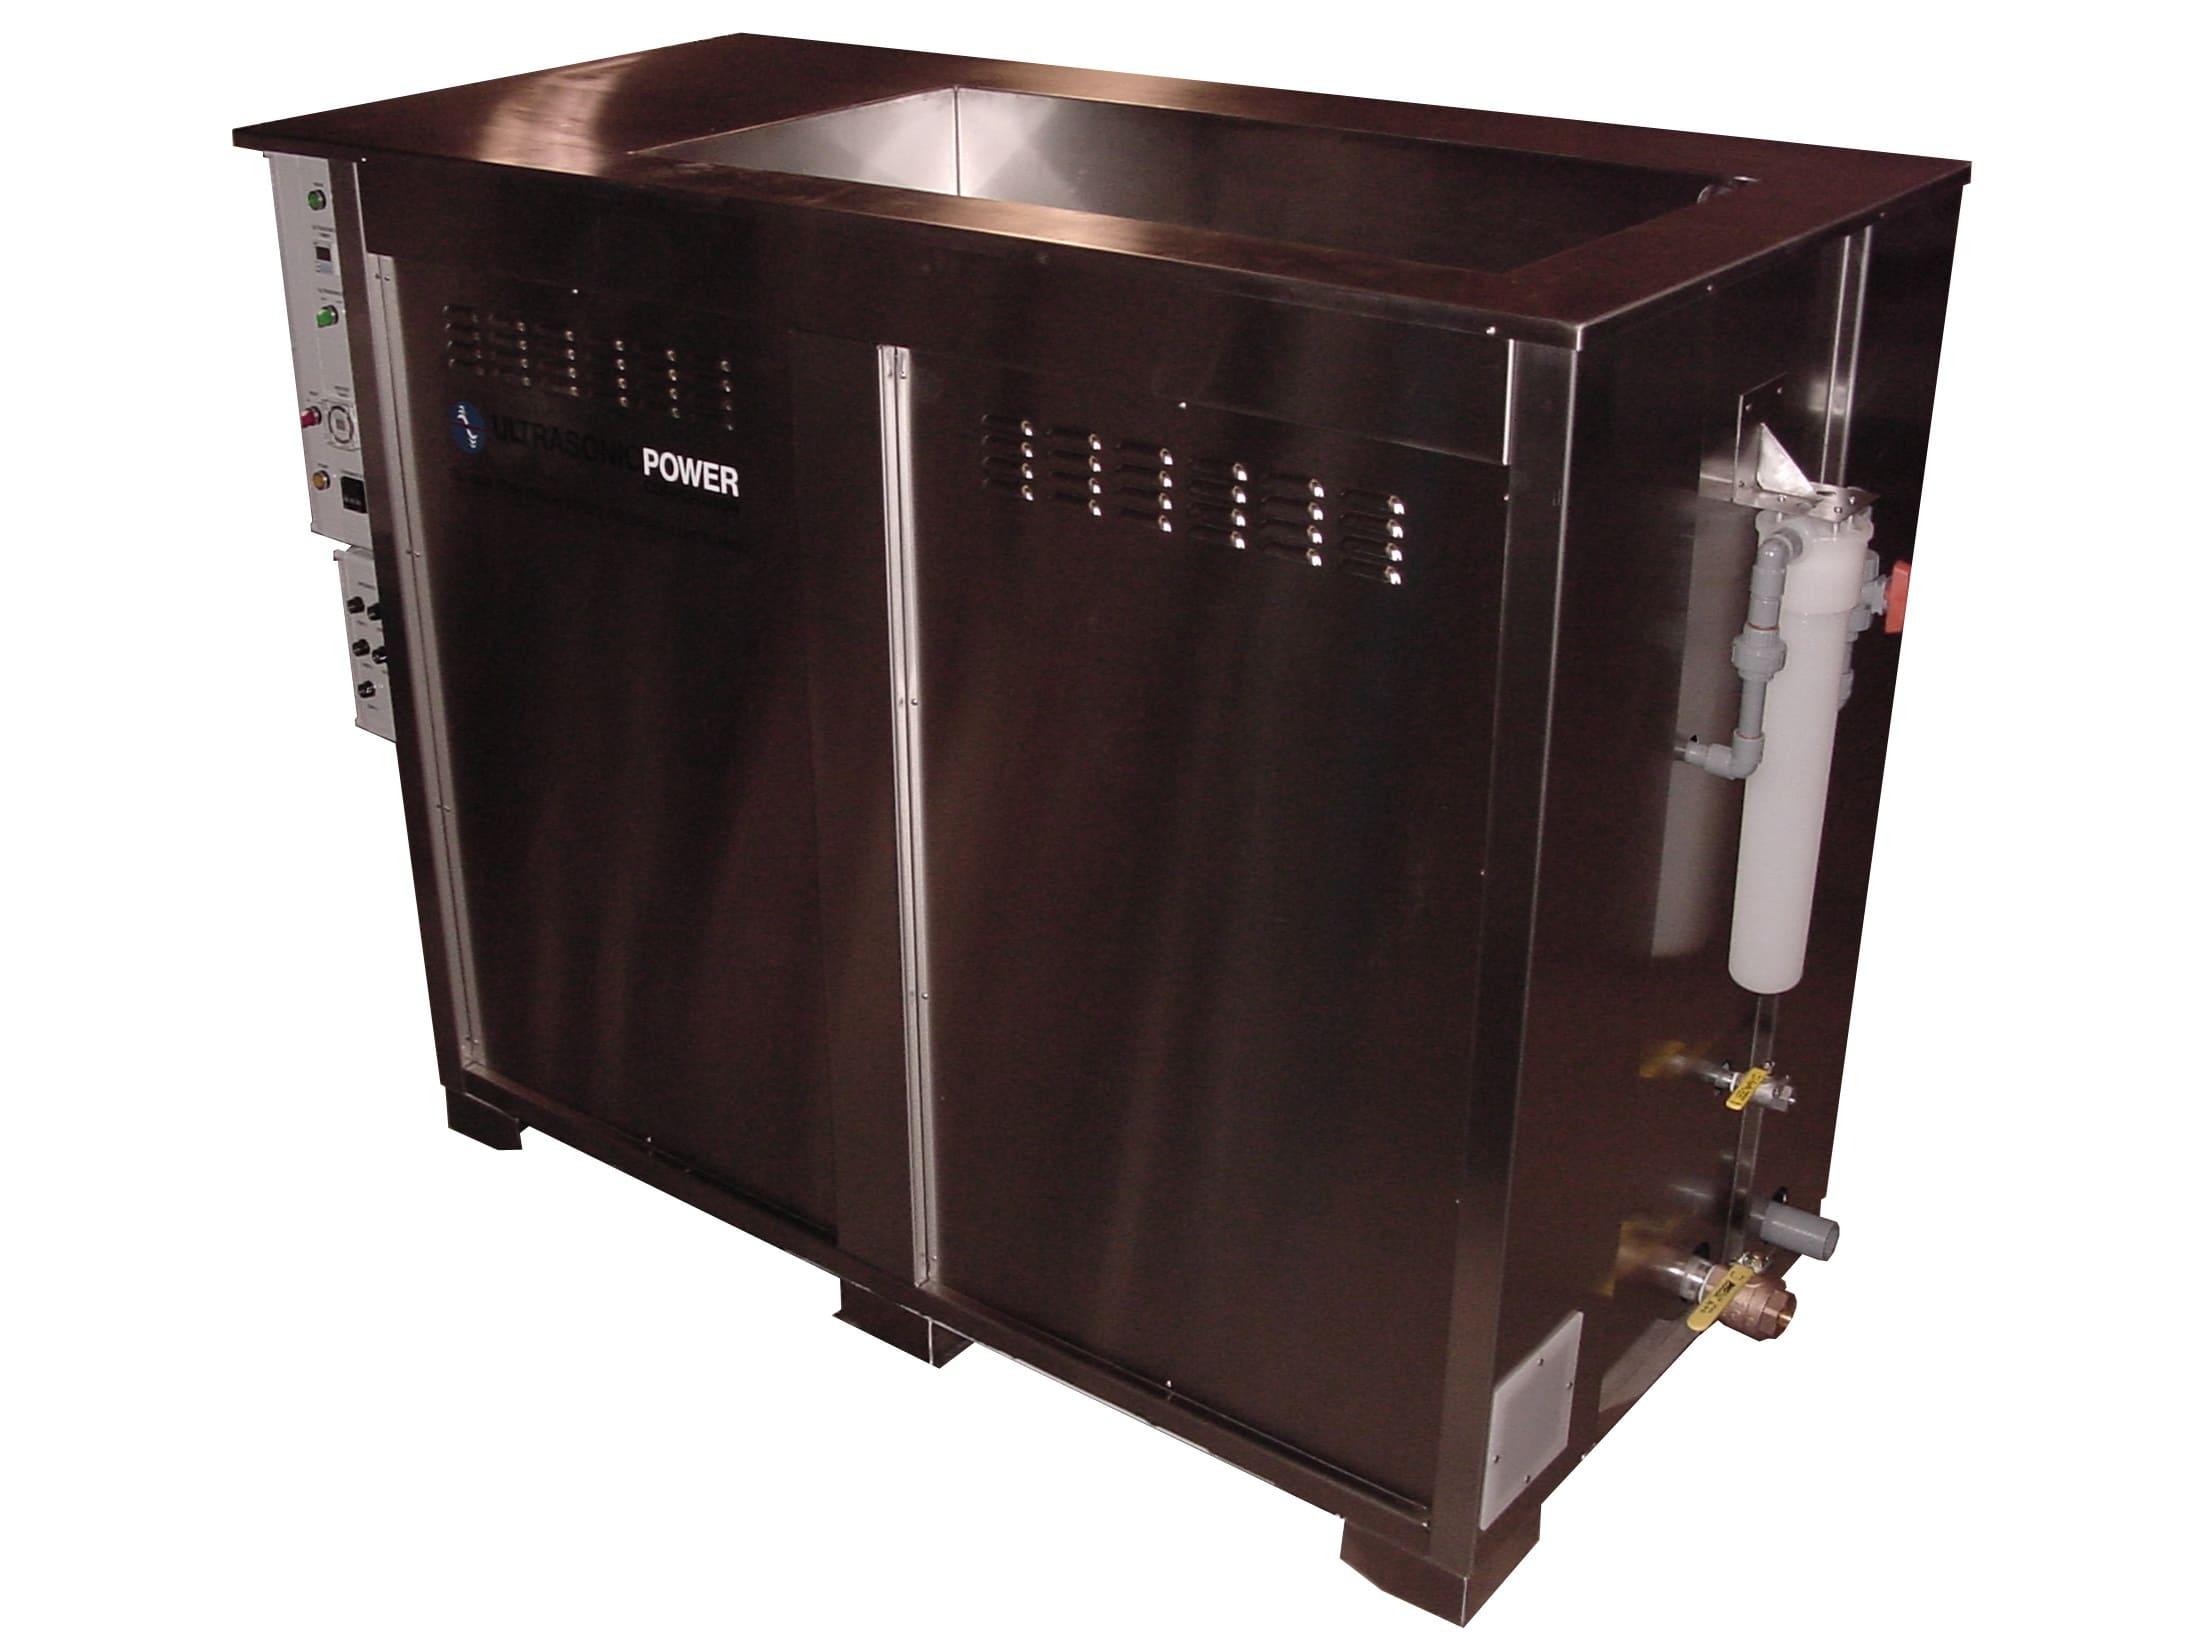 168 Gallon Ultrasonic Washer